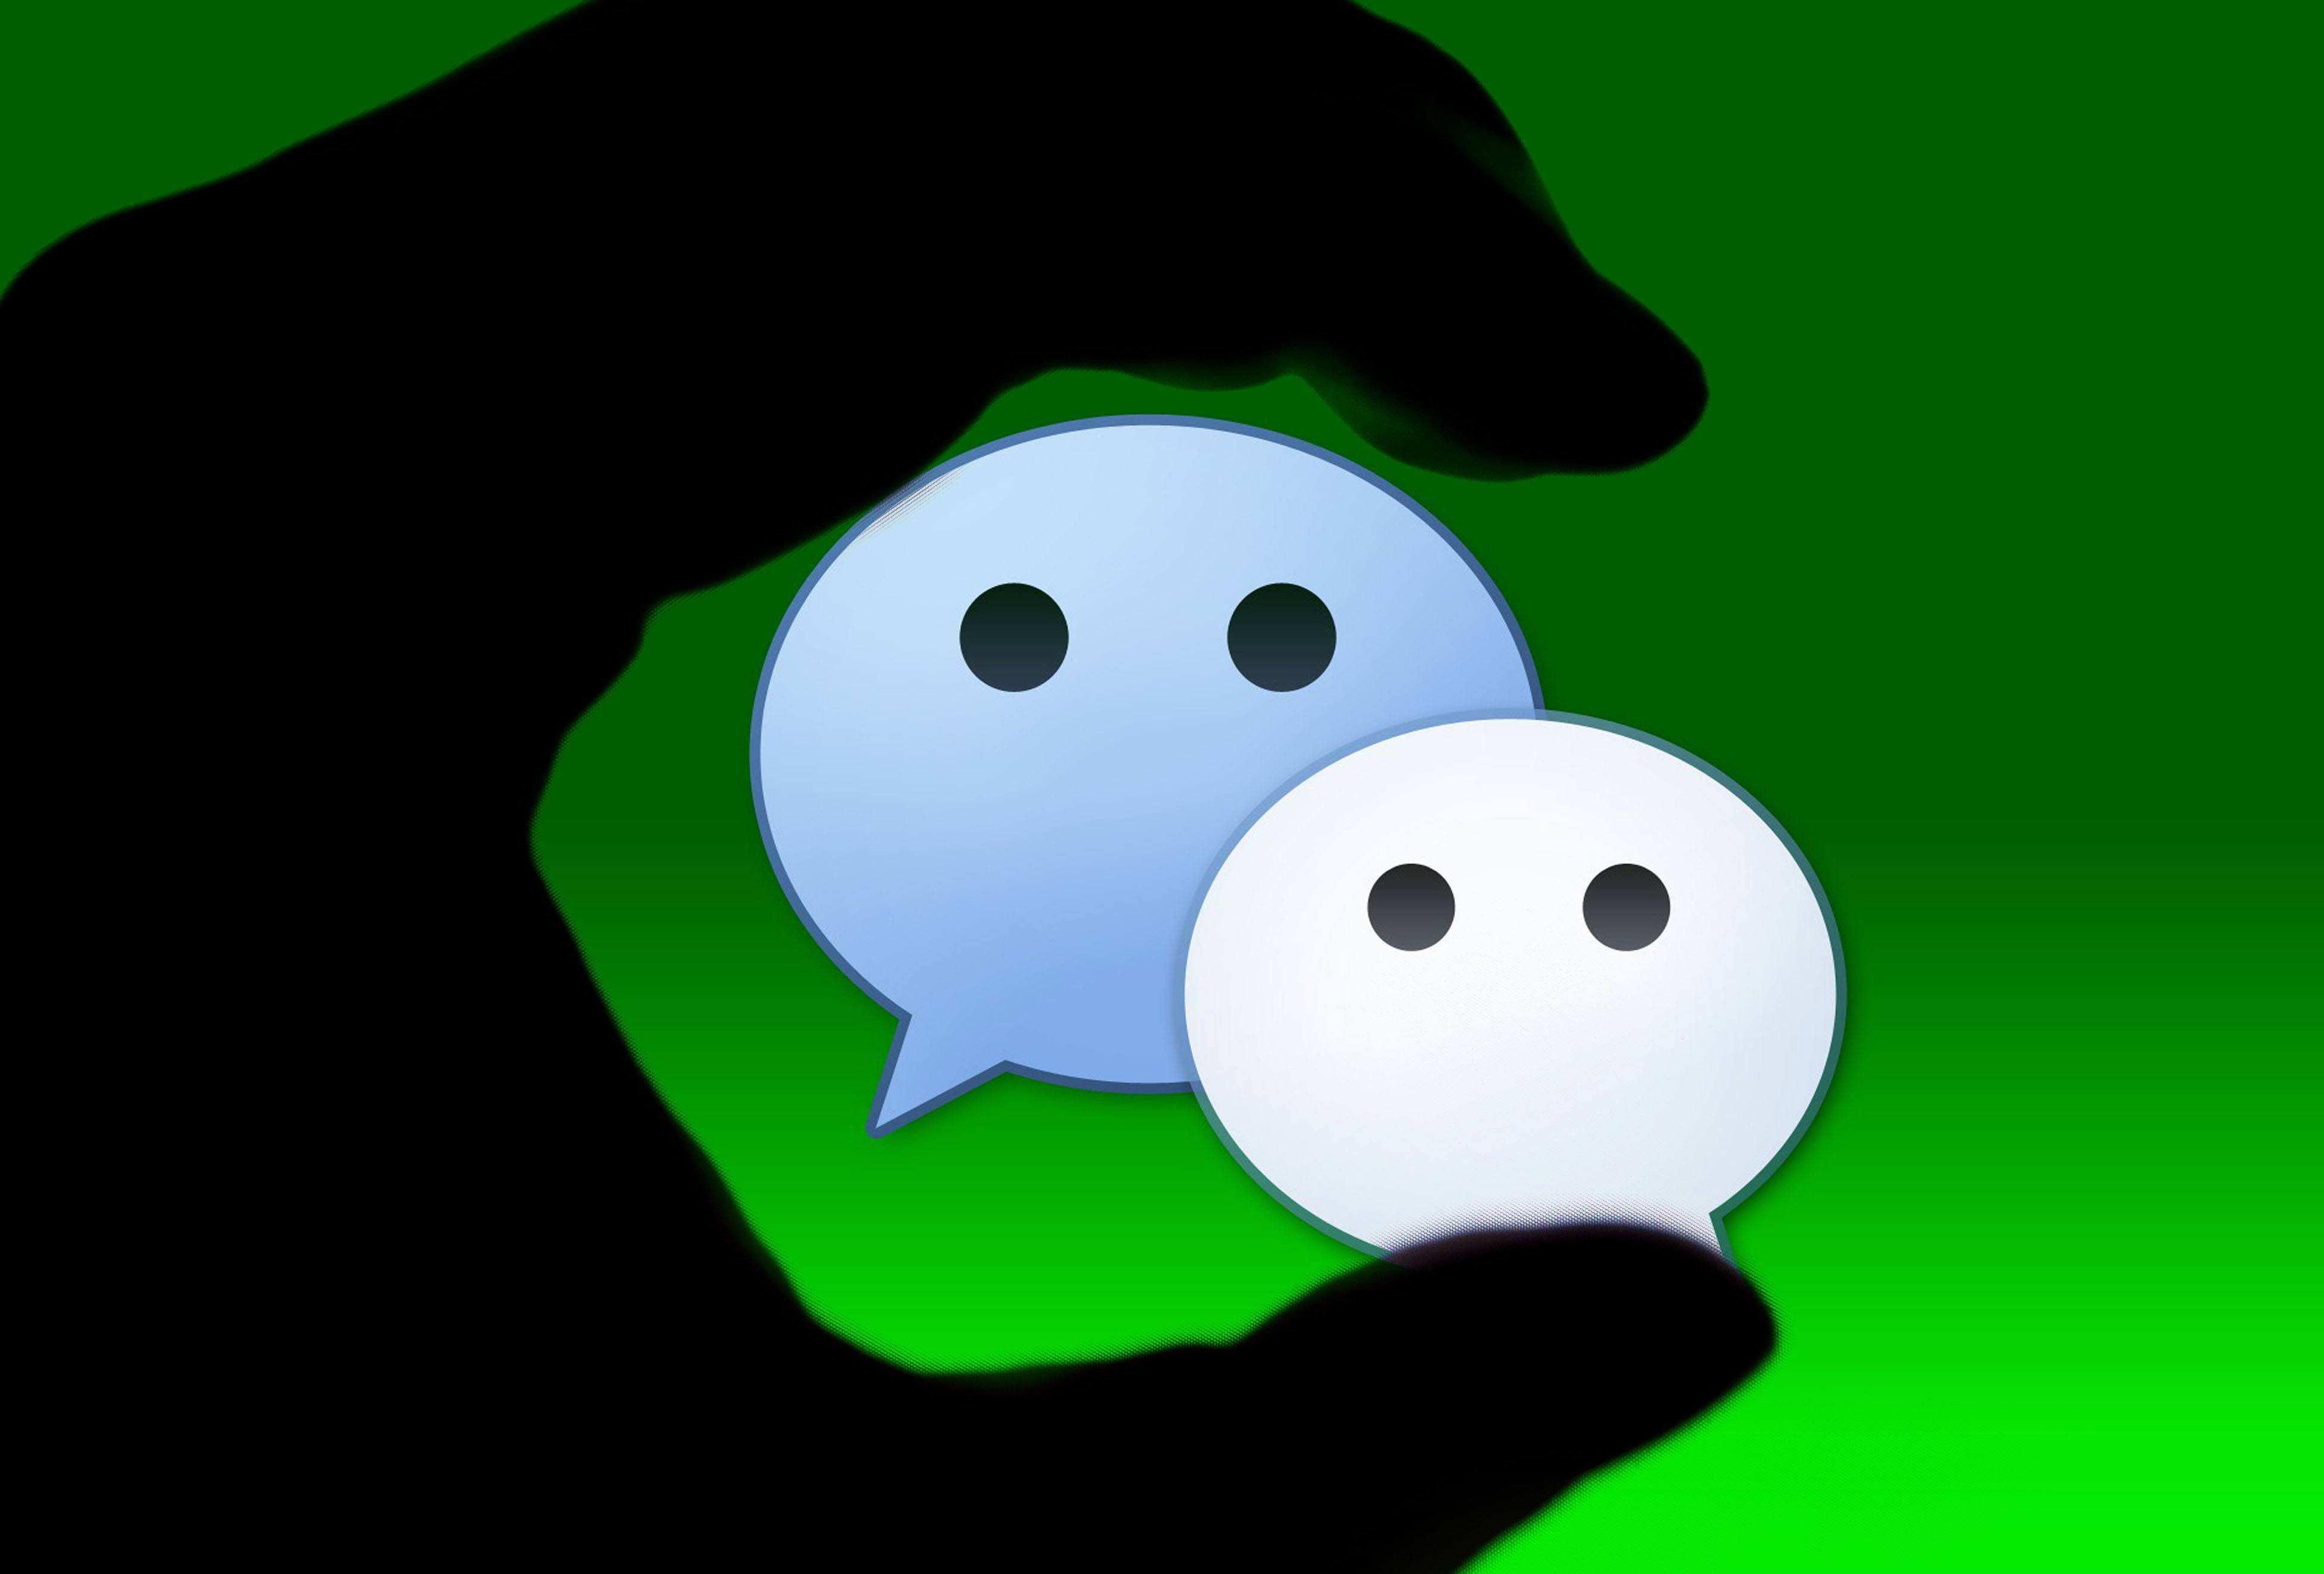 微信如何清理已经将自己删除的人(一键清理删除我的好友)